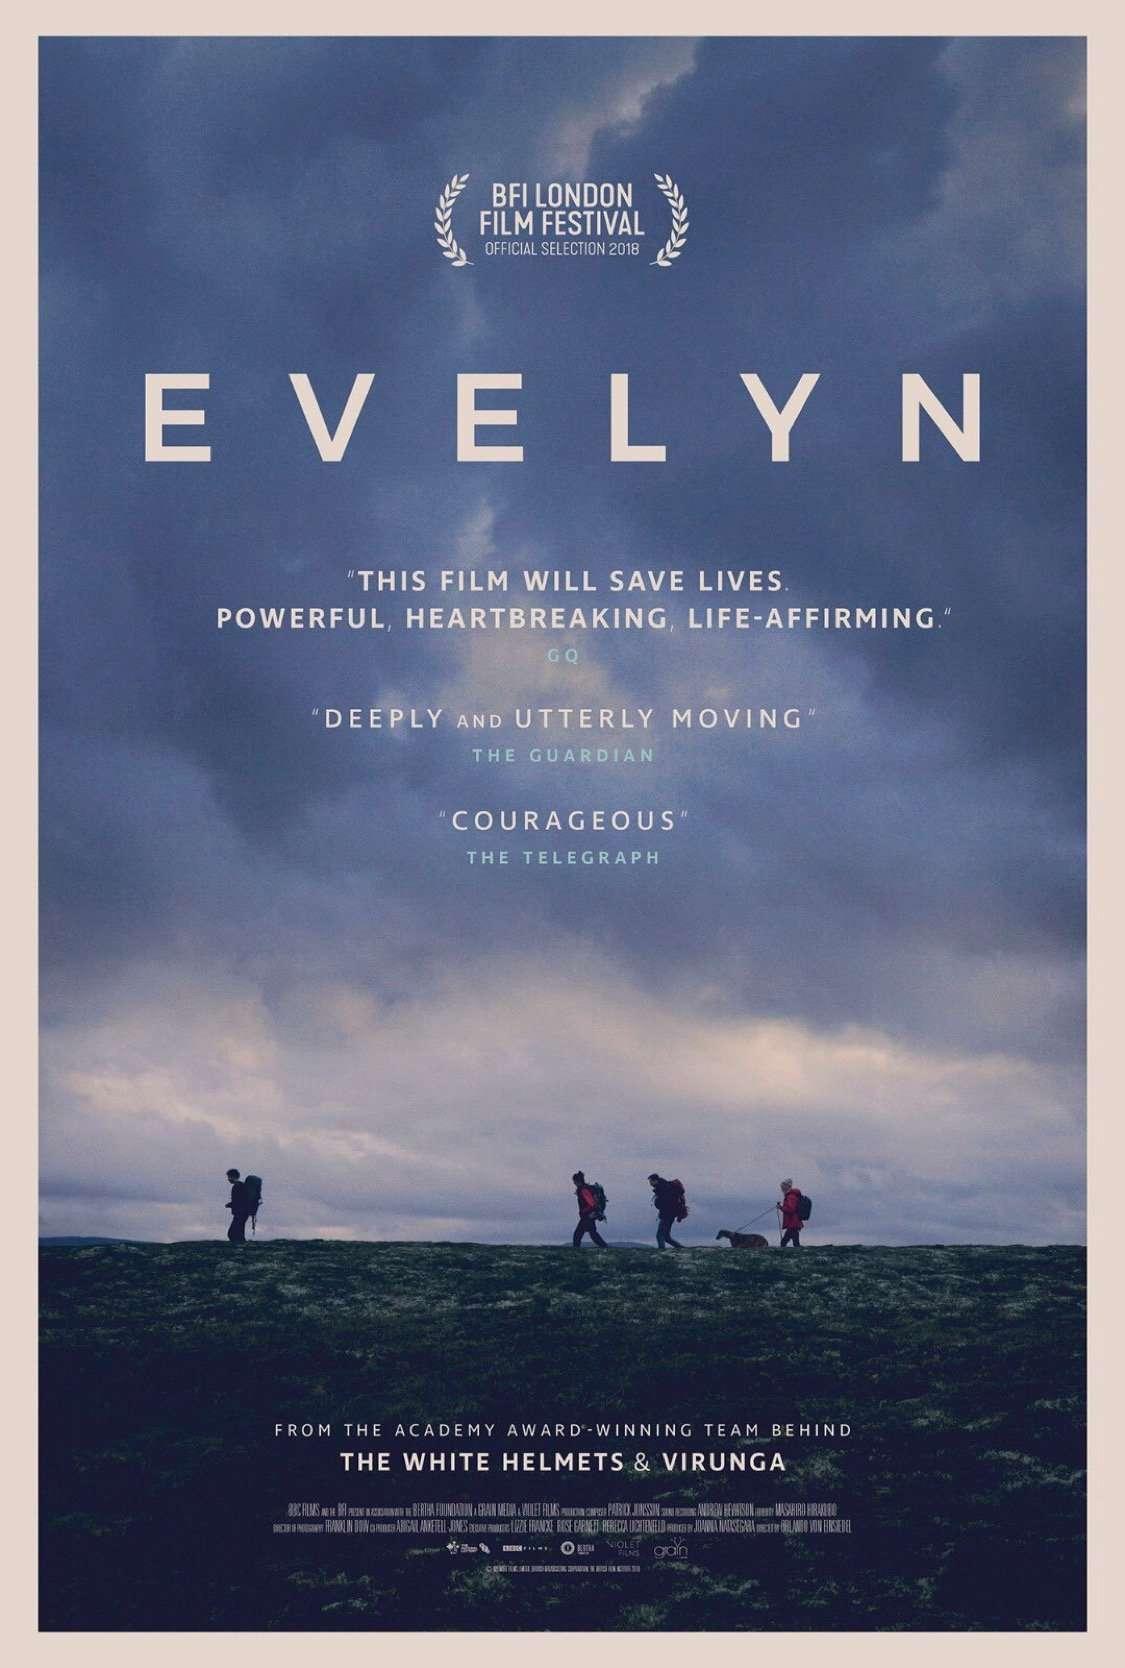 Evelyn Orlando von Einsiedel